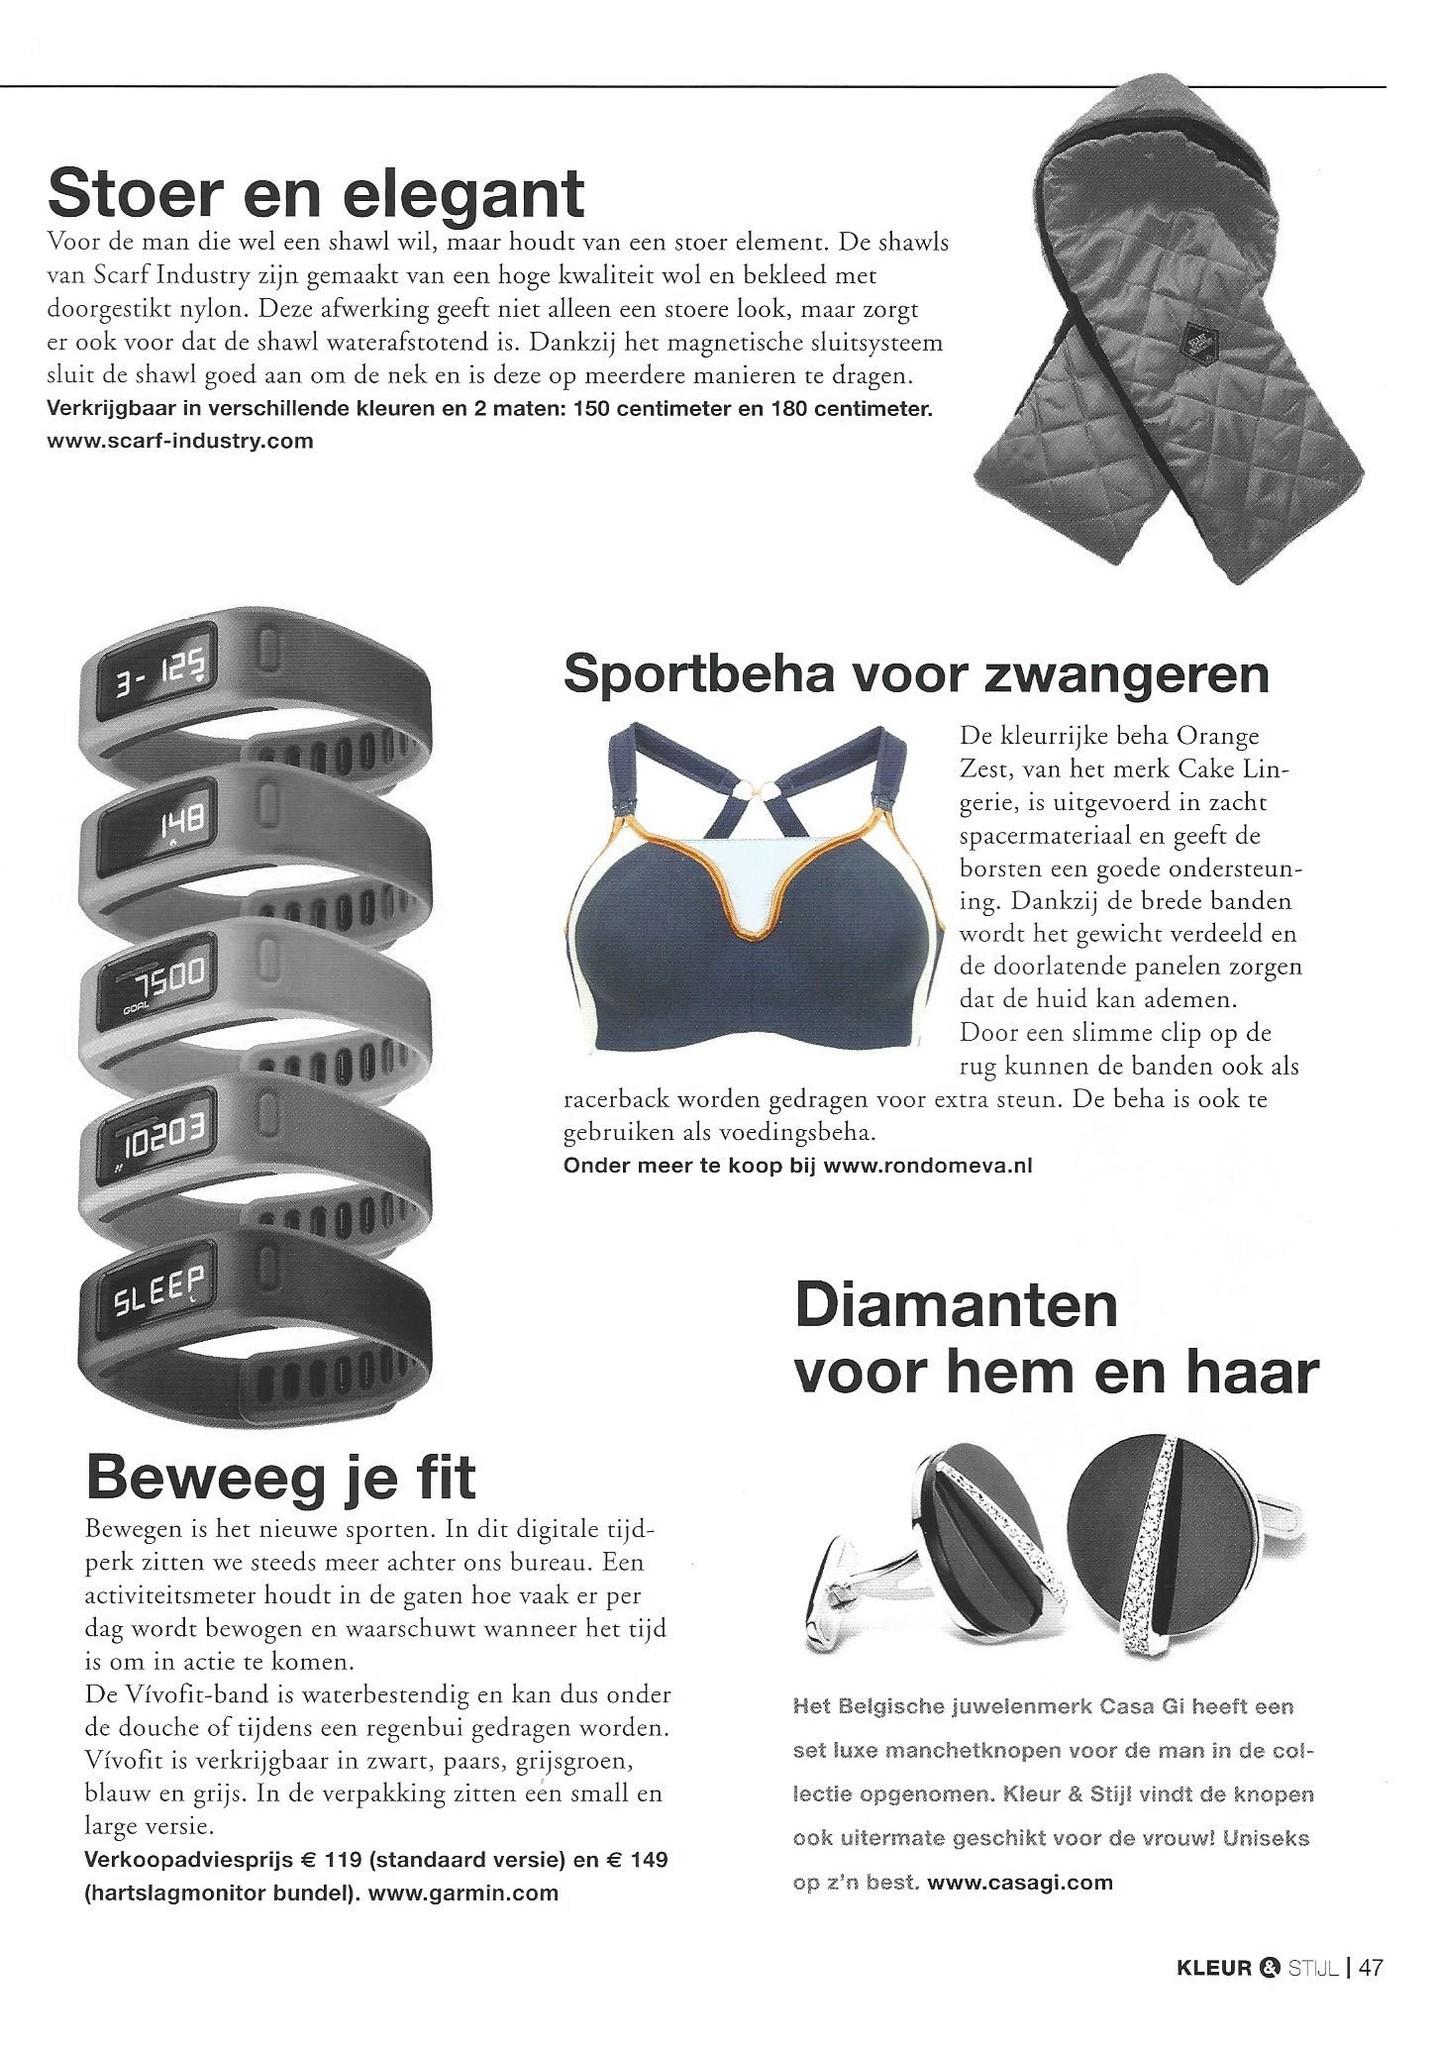 zwangerschapssportbeha in Vakblad Kleur en Stijl